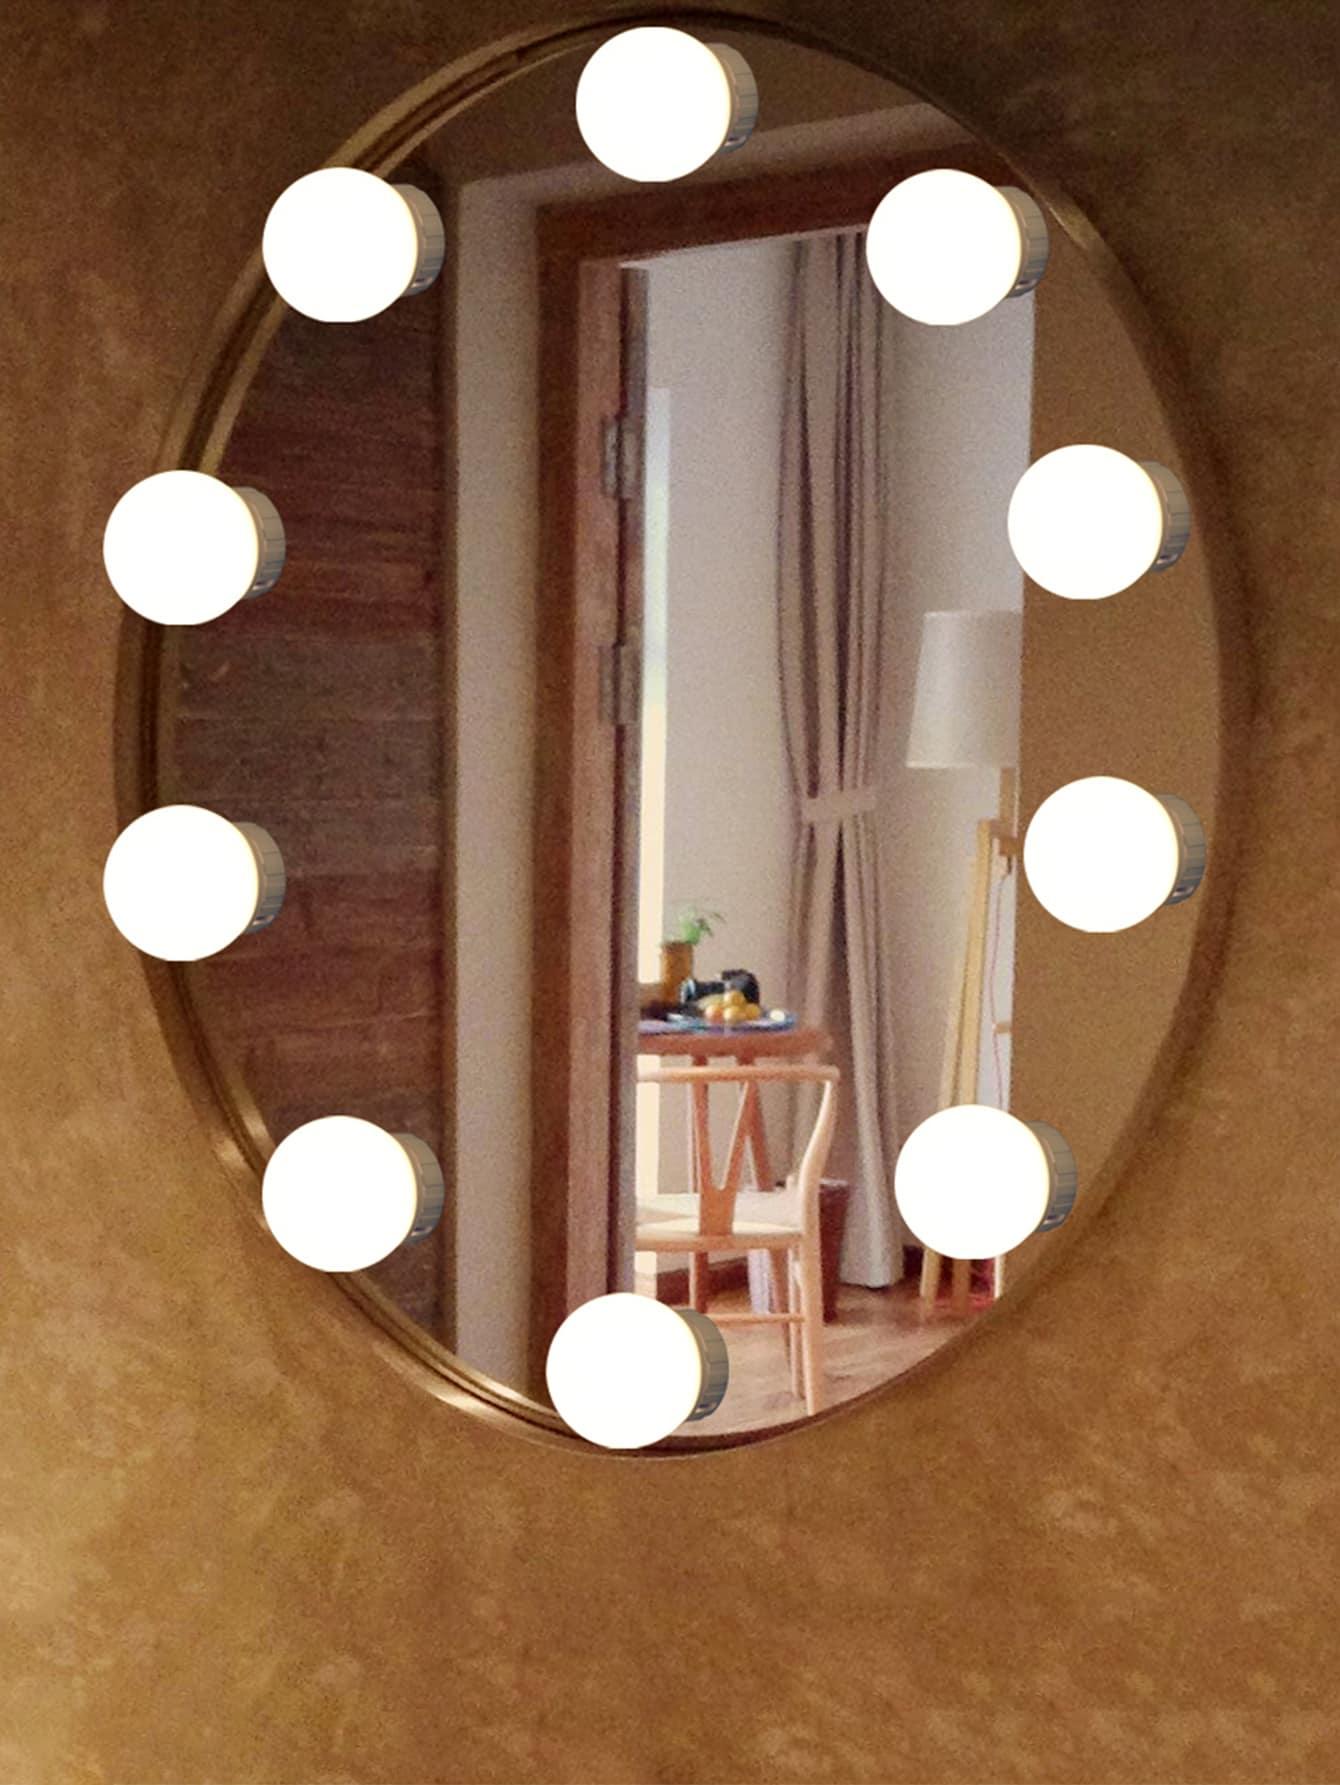 Luces de Espejo LED Bombilla de luz de Color Ajustable con Ventosa Bombilla de Maquillaje Regulable para Dormitorio y ba/ño Suszian Luz de Espejo